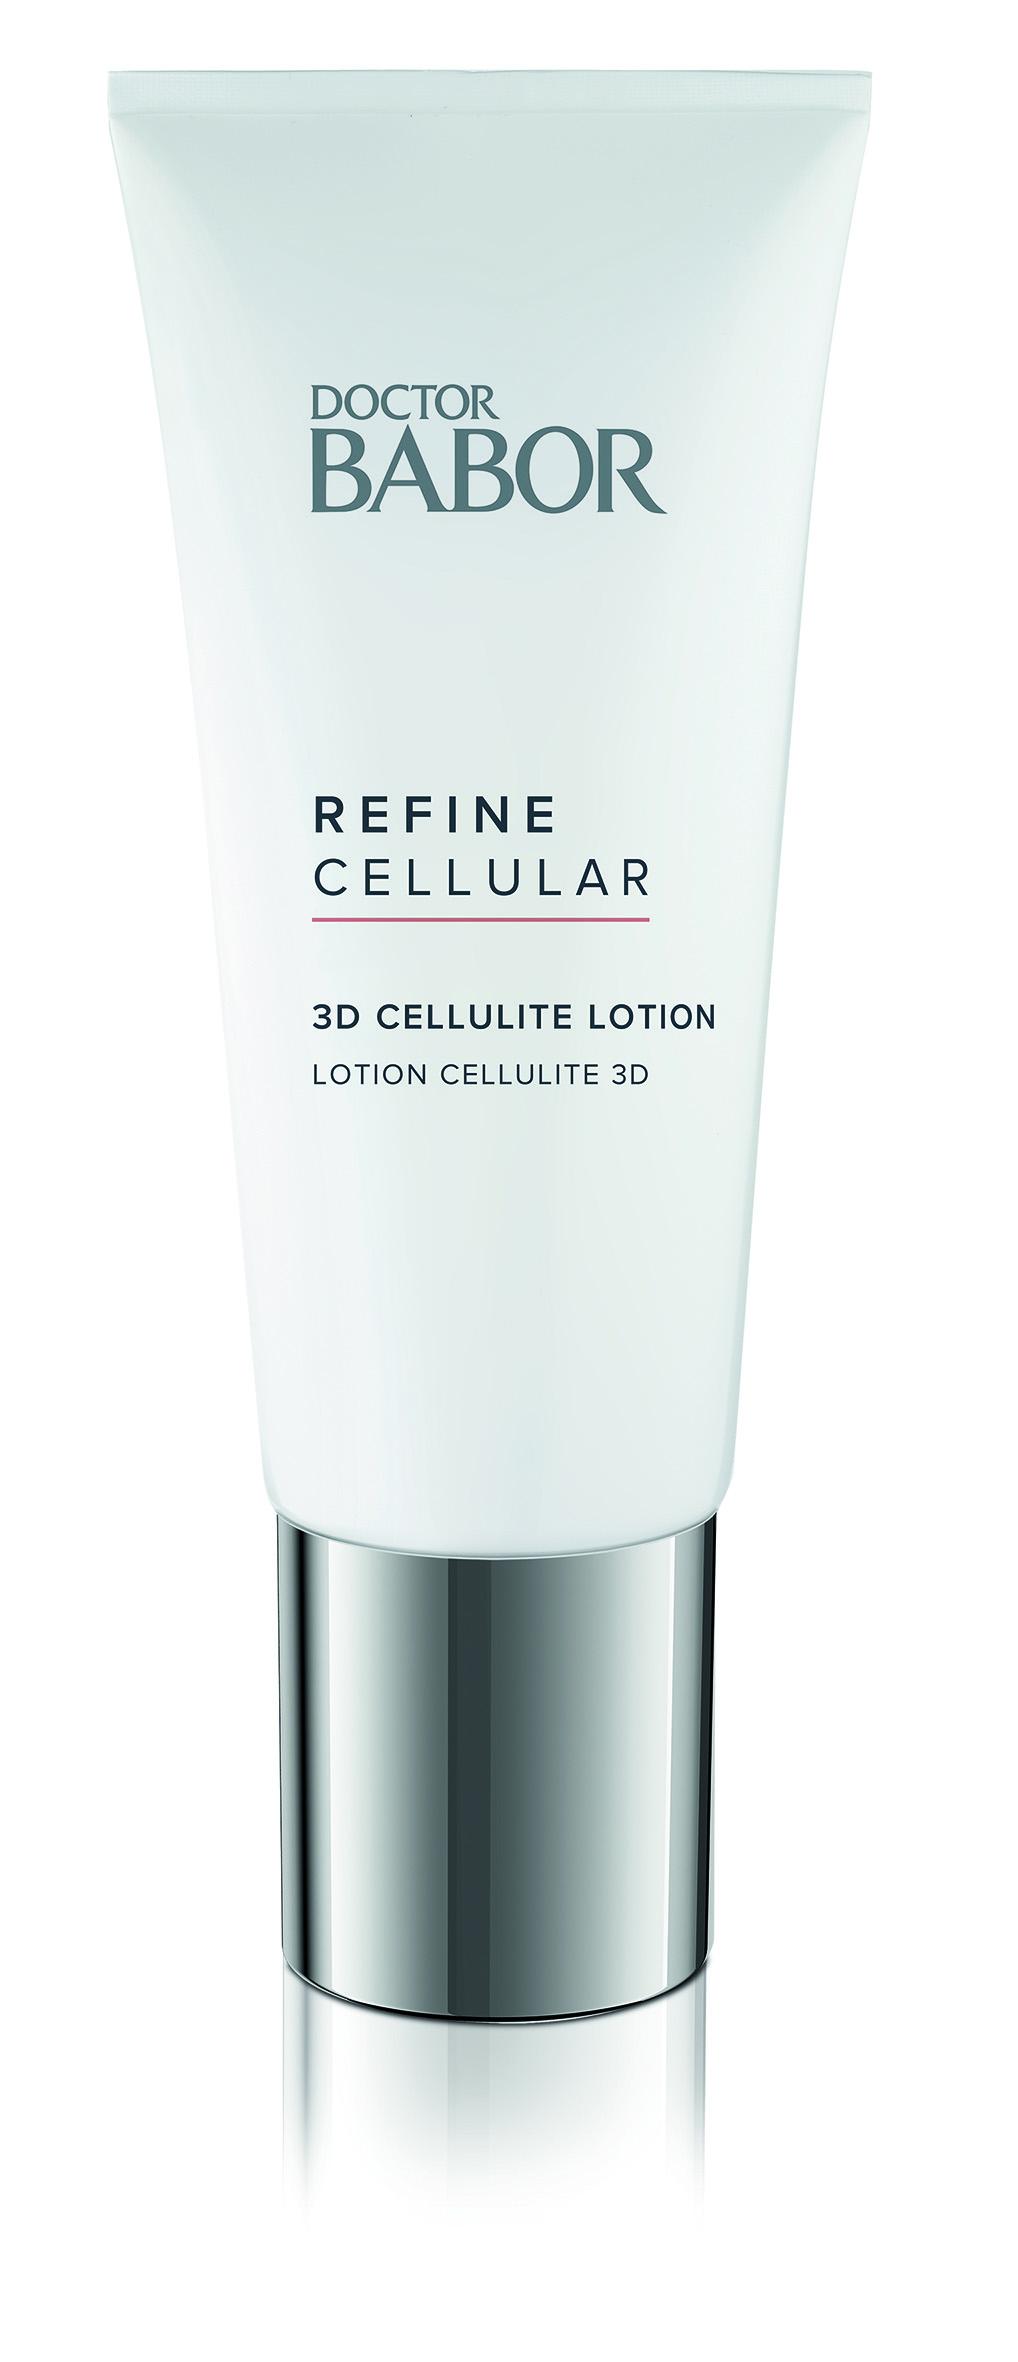 Bilde av Doctor Babor Refine Cellular 3d Cellulite Lotion 200 Ml